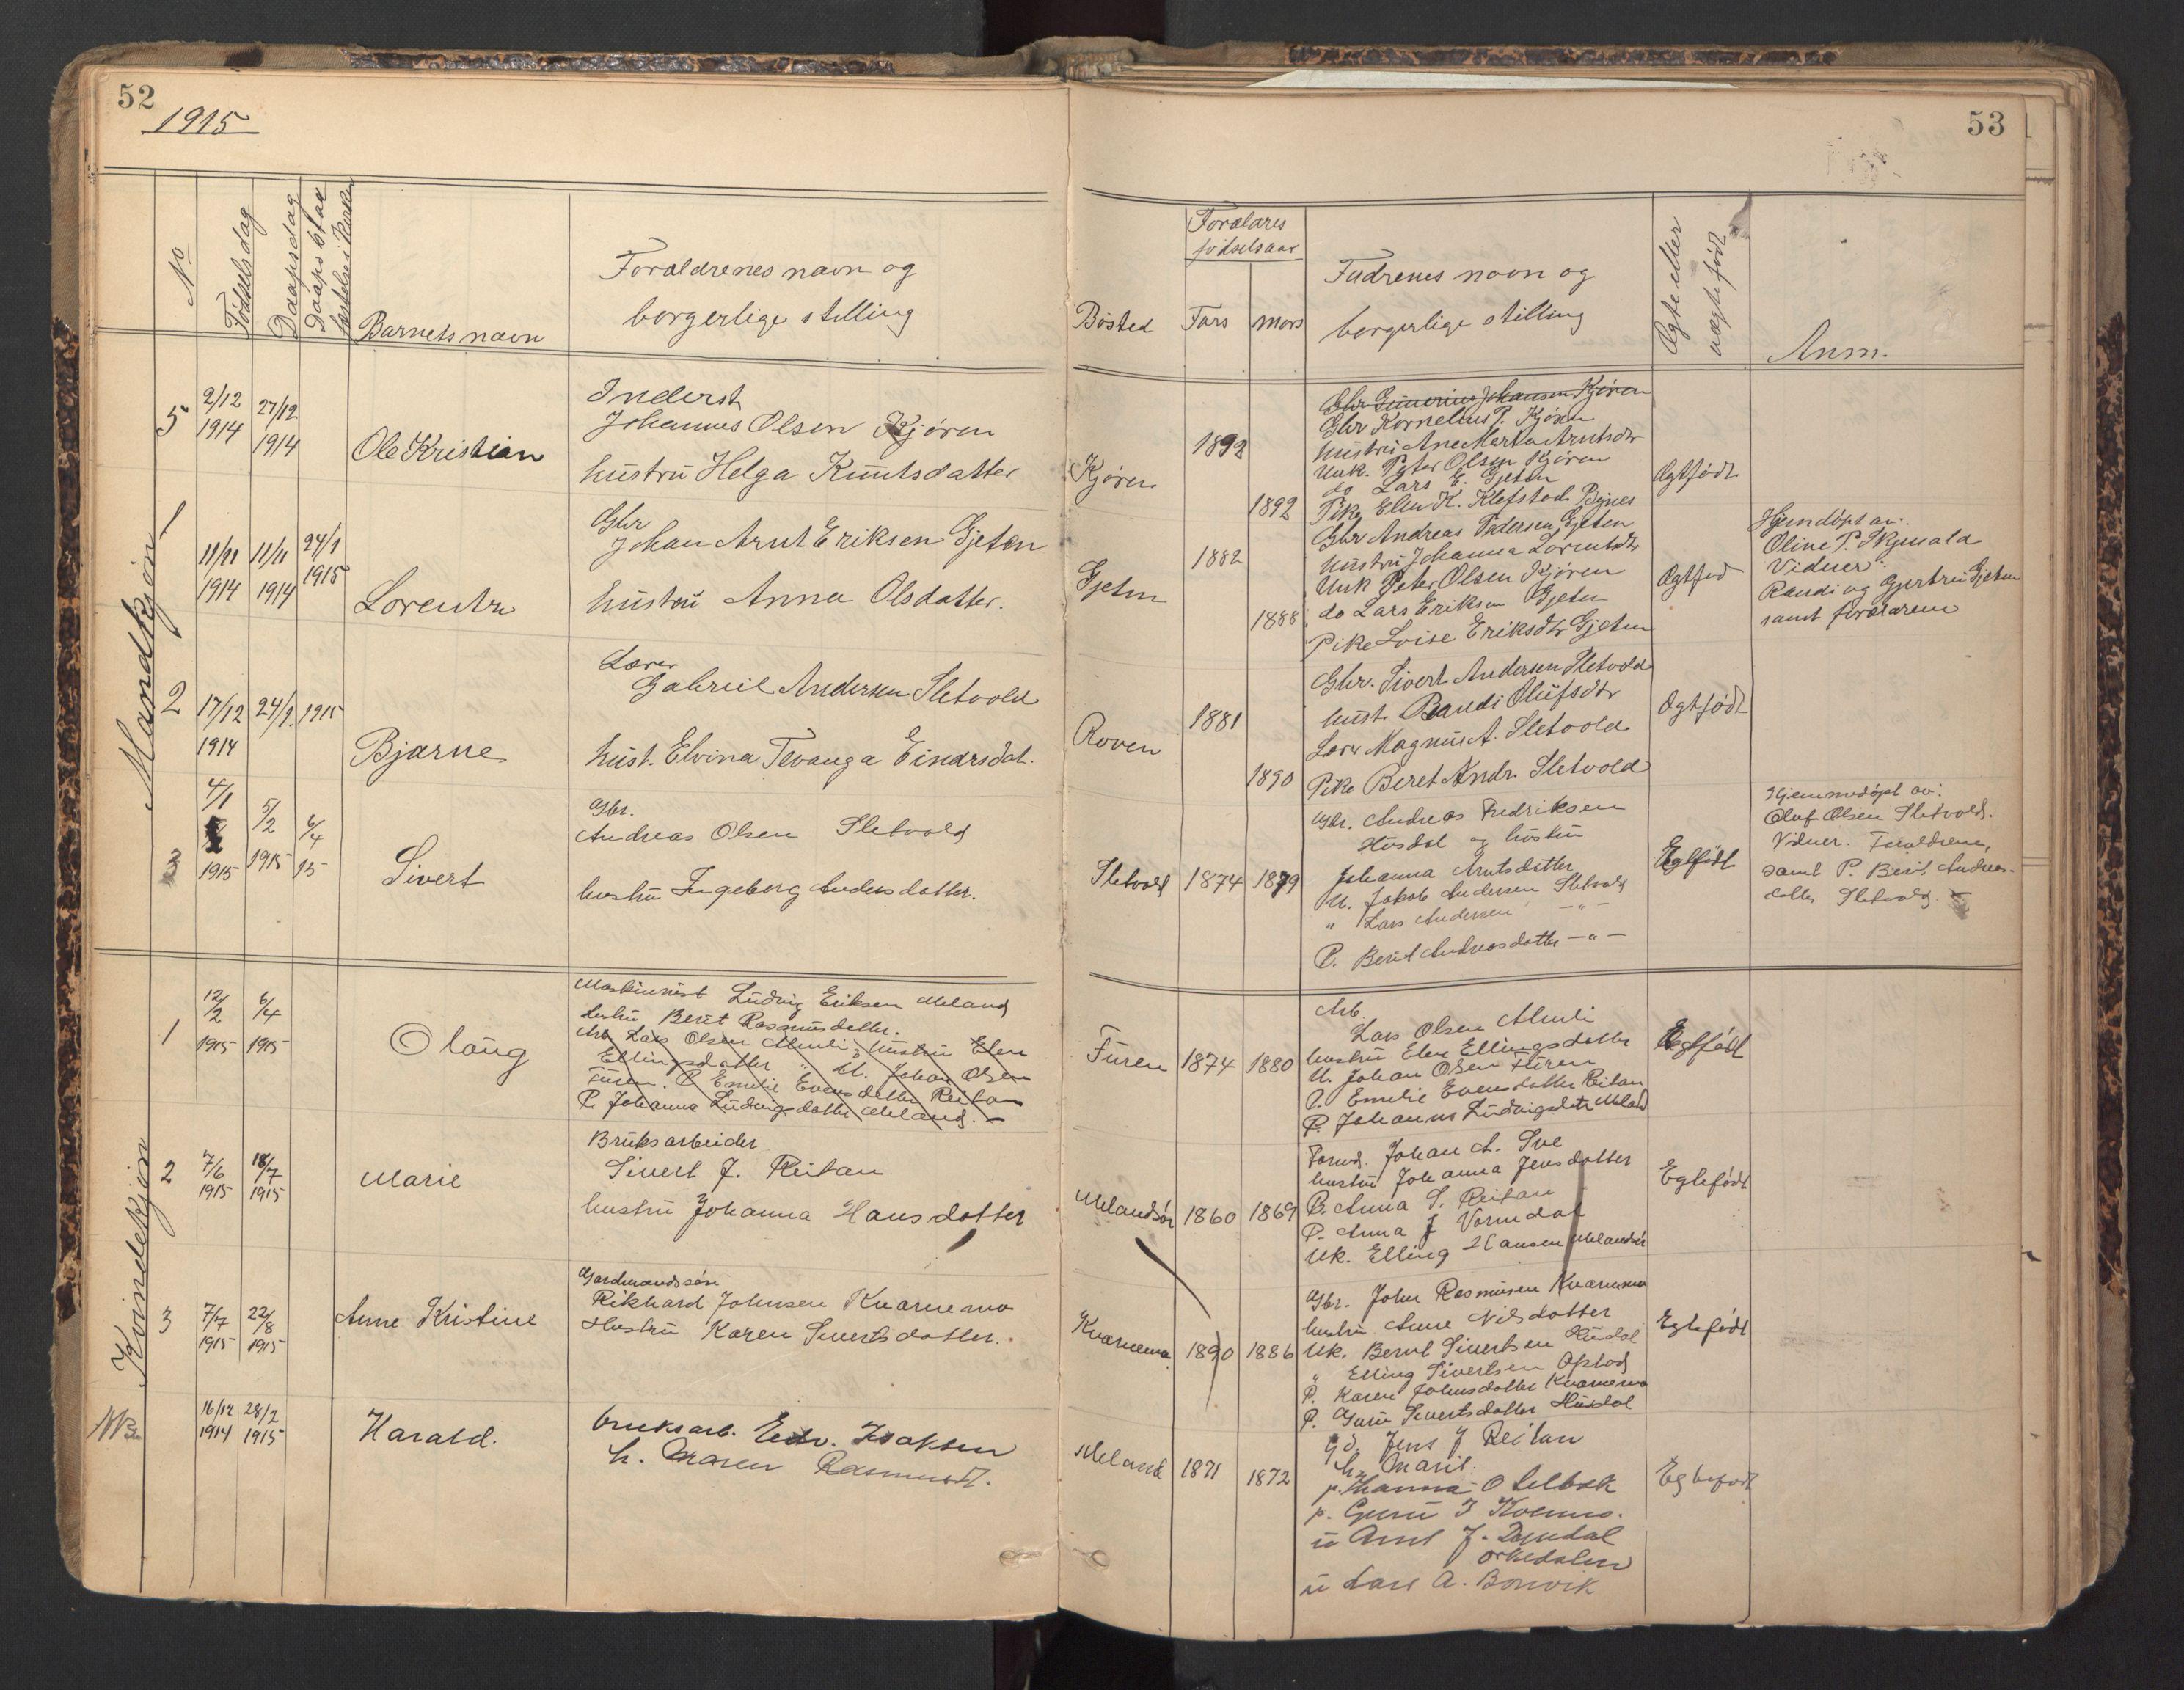 SAT, Ministerialprotokoller, klokkerbøker og fødselsregistre - Sør-Trøndelag, 670/L0837: Klokkerbok nr. 670C01, 1905-1946, s. 52-53